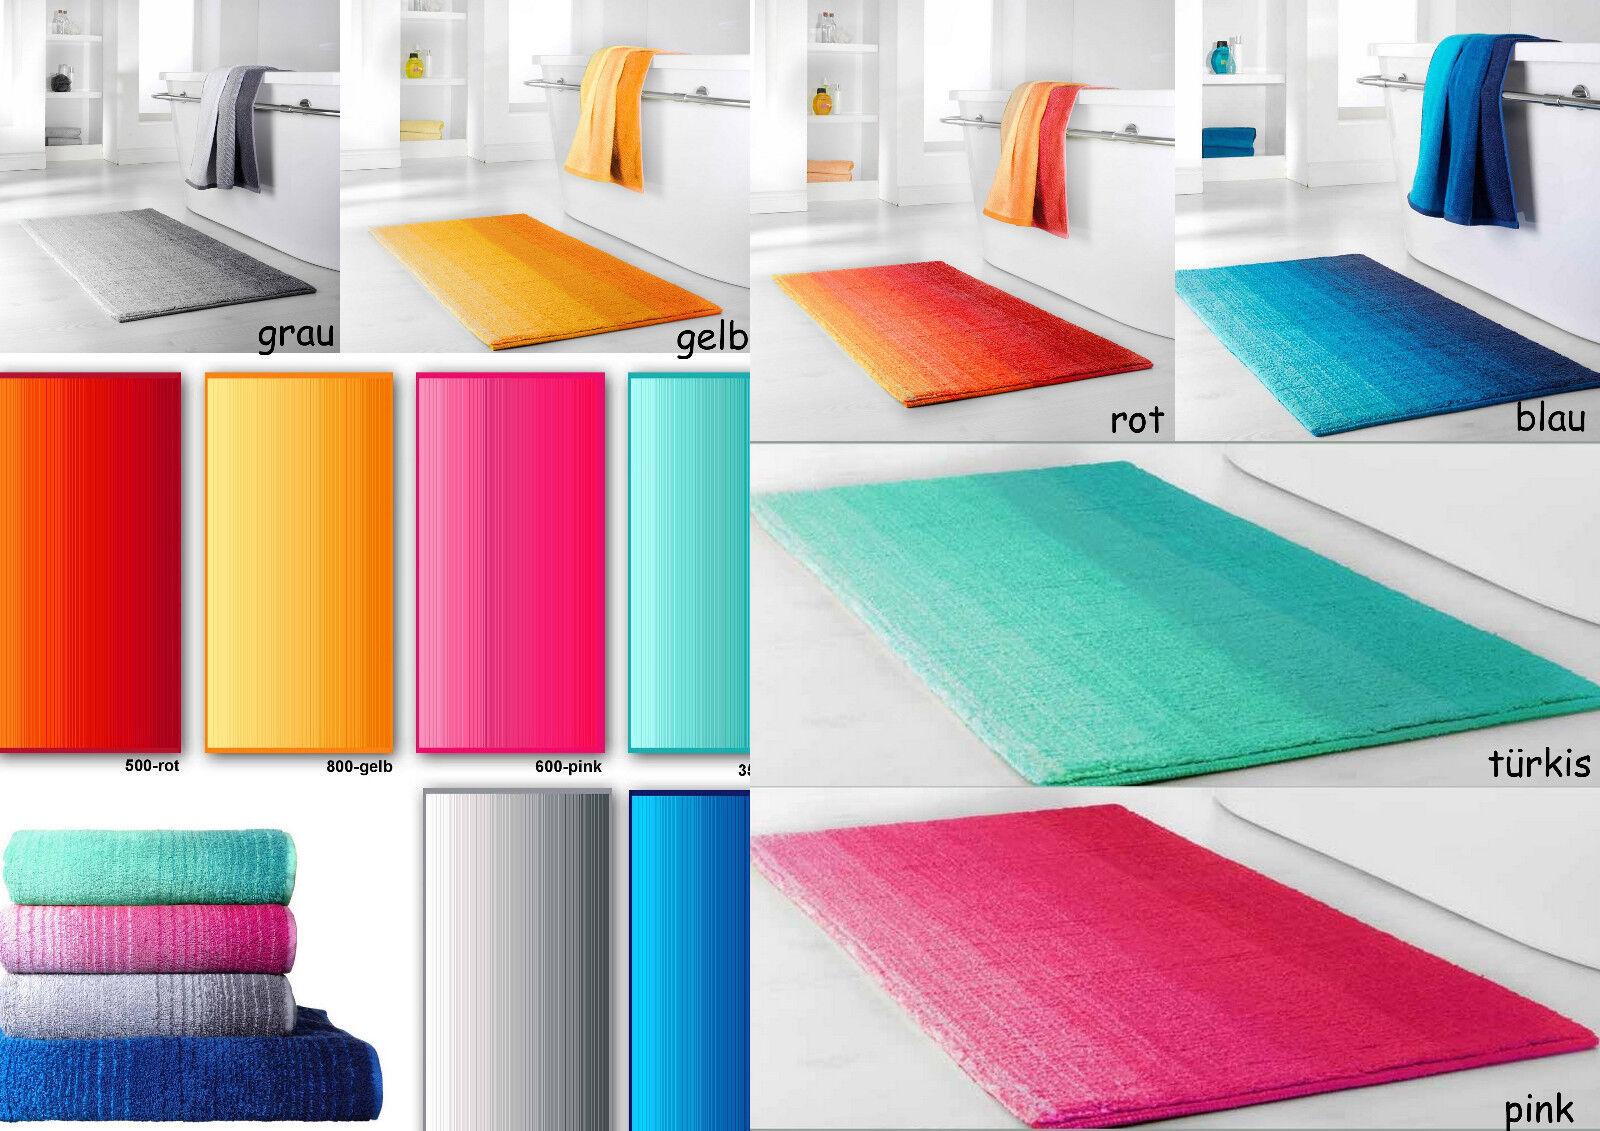 Dyckhoff Colori Badteppich Badvorleger Badematte Handtuch Duschtuch Liegetuch